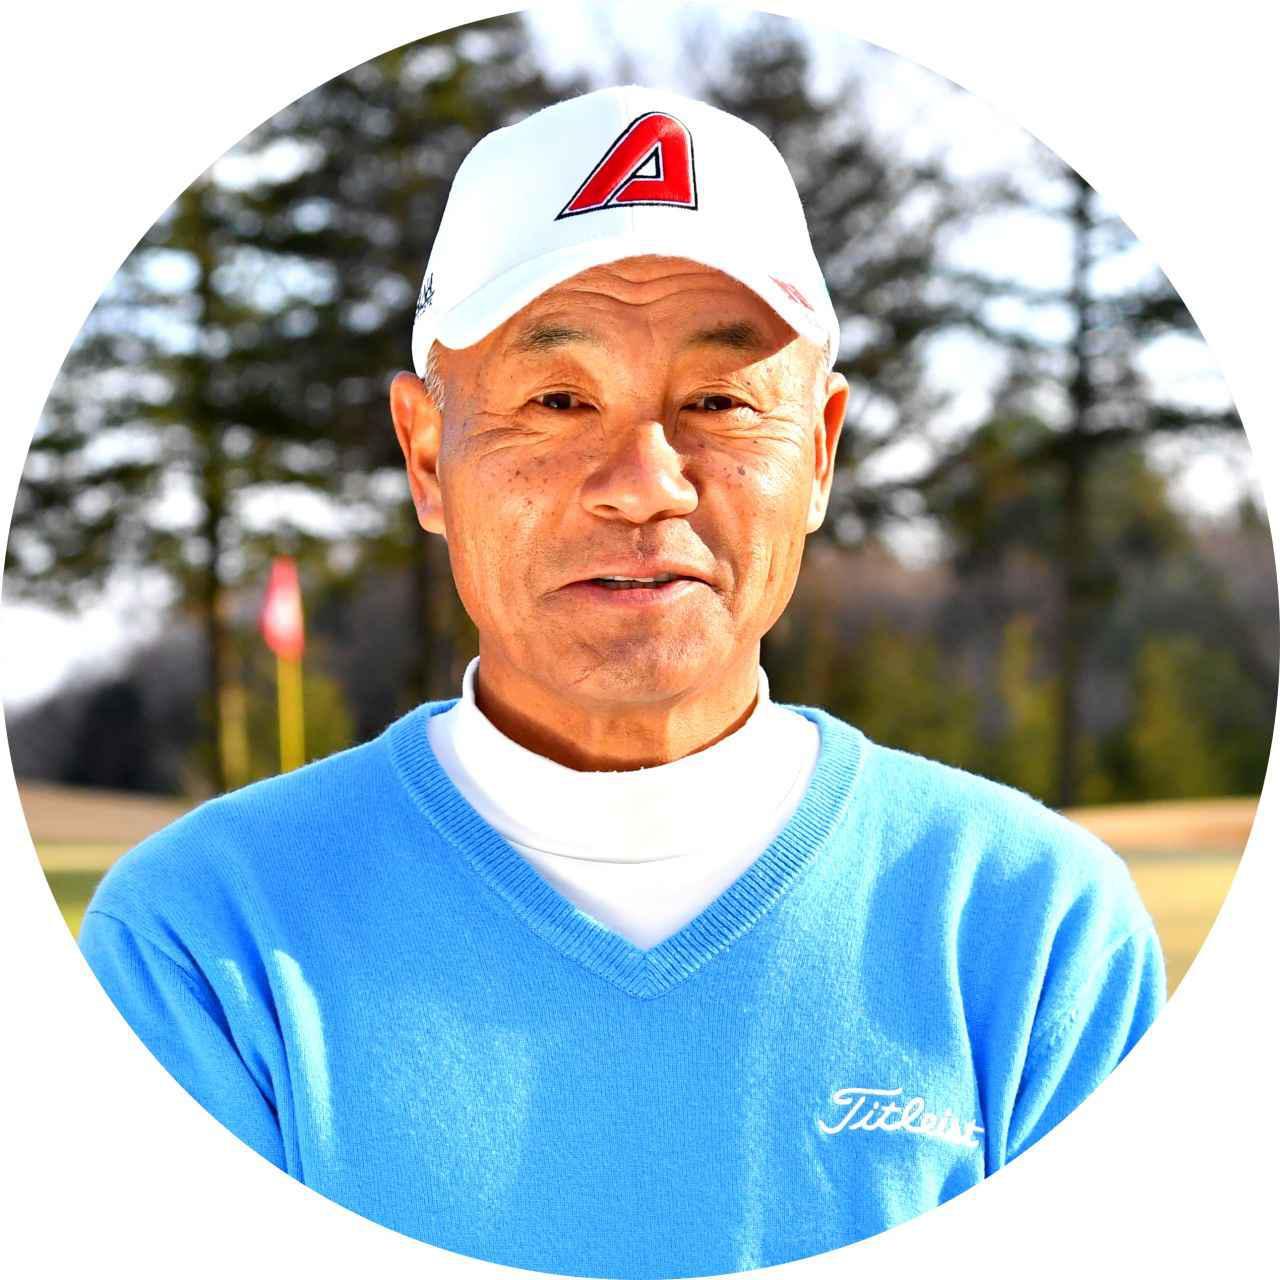 画像: 【解説】崎山武志プロ さきやまたけし。1962年生まれ、愛媛県出身。92年にプロ転向。シニア入り後に開花し、通算7勝。アビバホールディングス所属